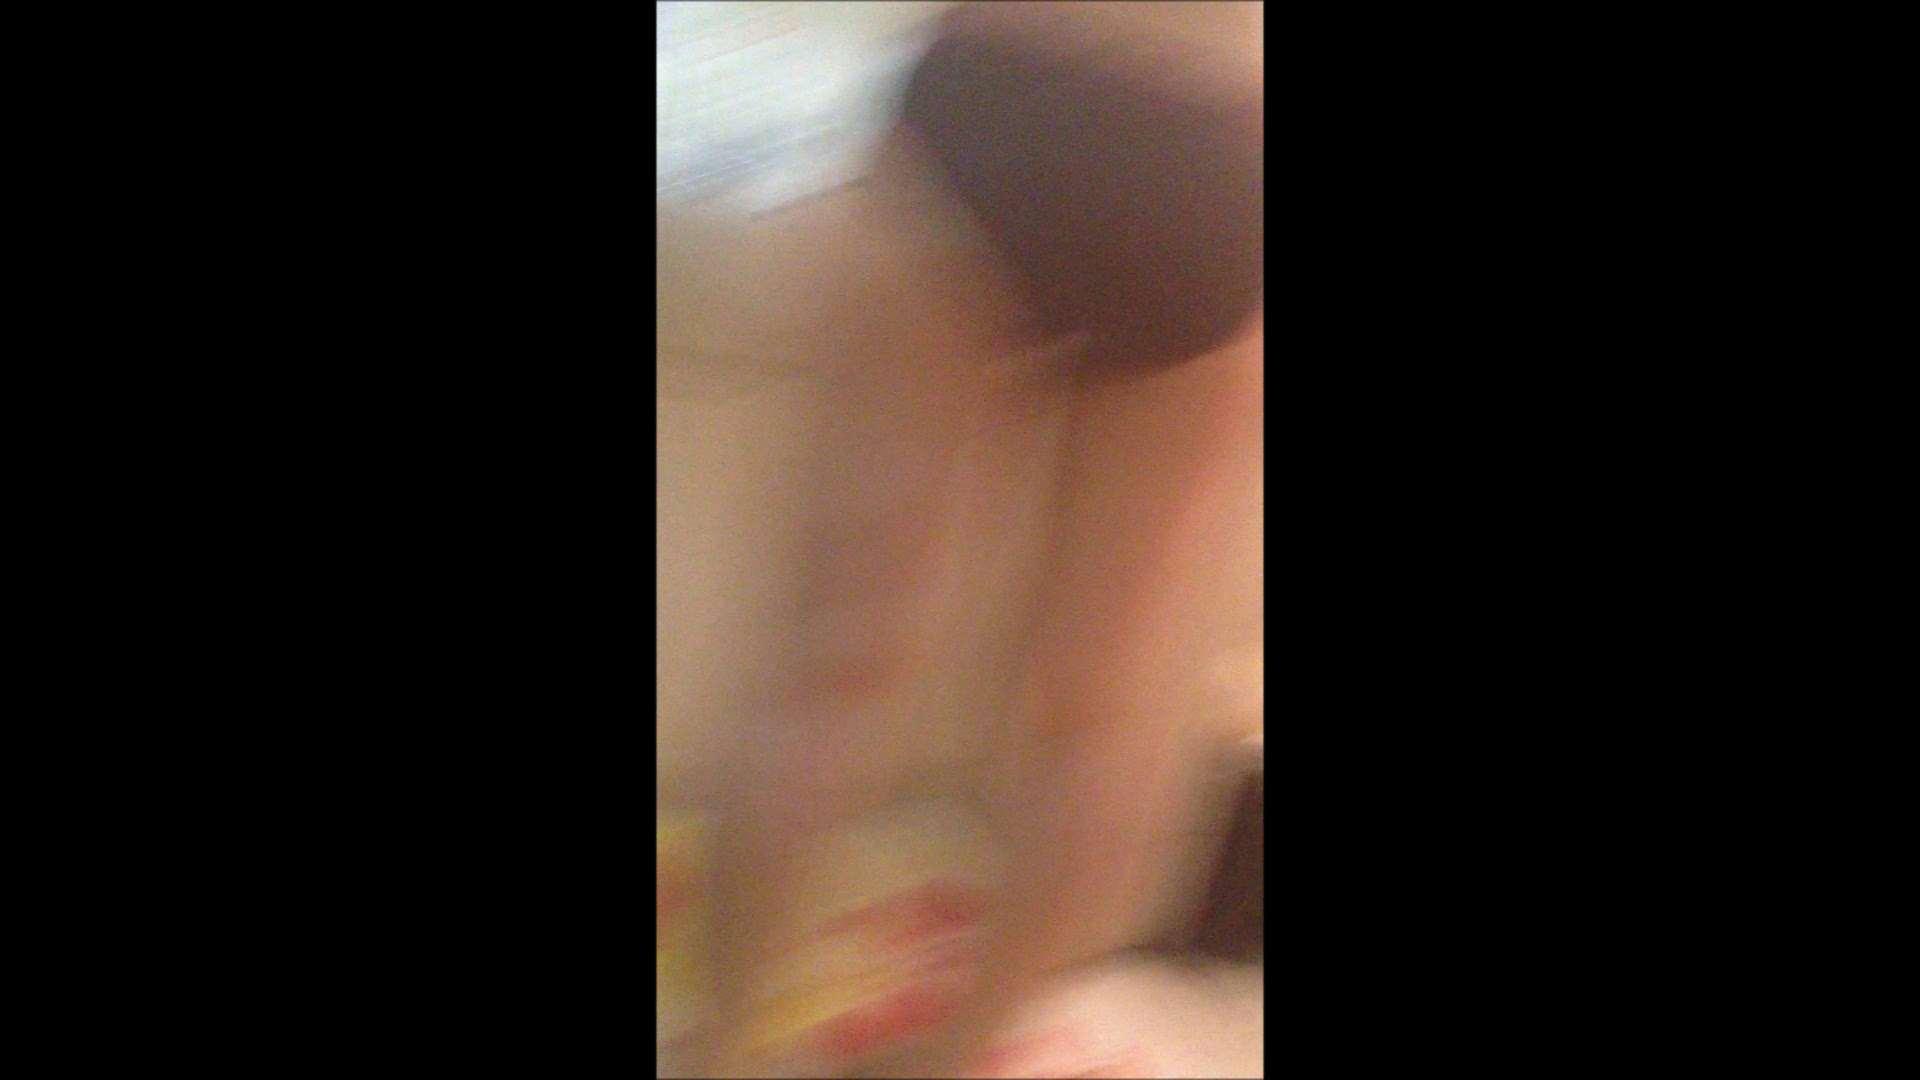 03(3日目)お風呂をイヤイヤ撮らせてくれた オマンコ大放出   覗き  100pic 70